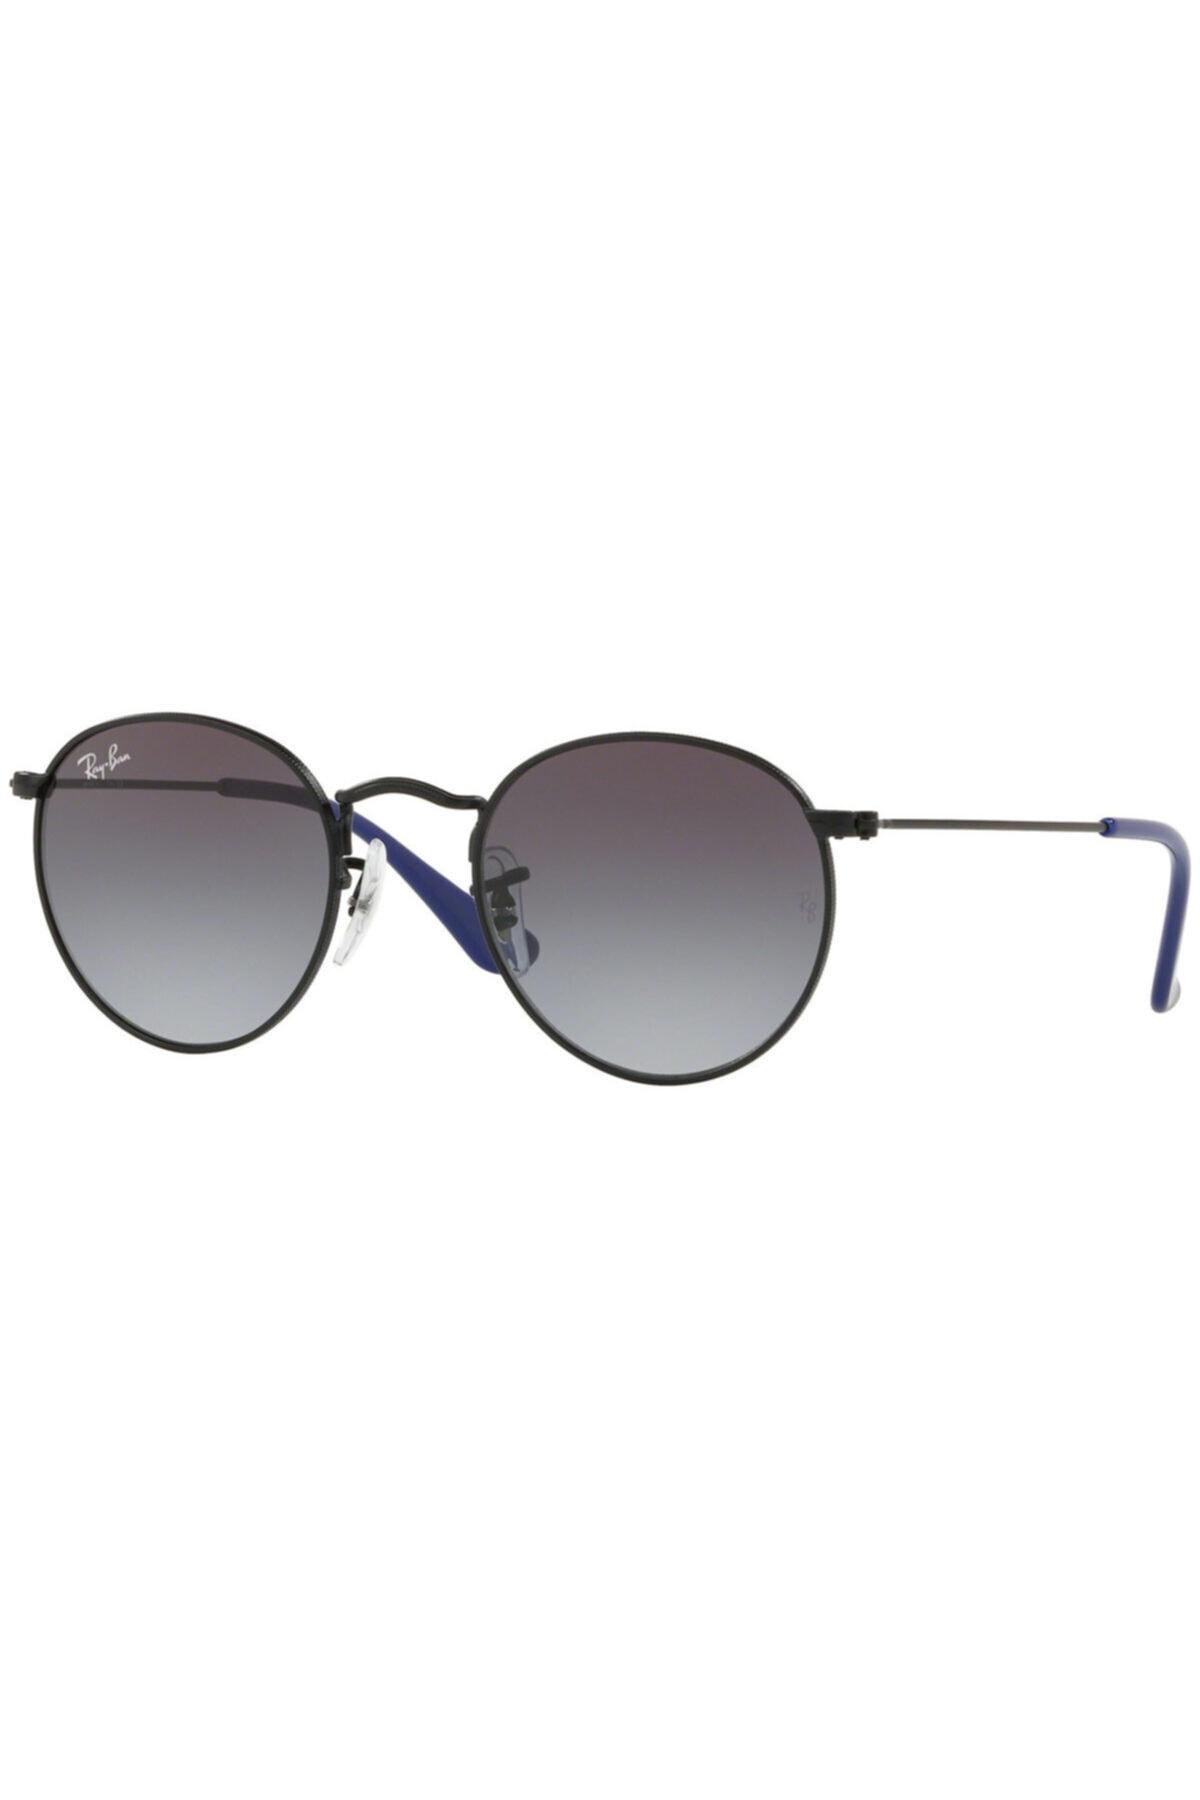 عینک آفتابی خاص بچه گانه پسرانه برند ری بن کد ty4475307